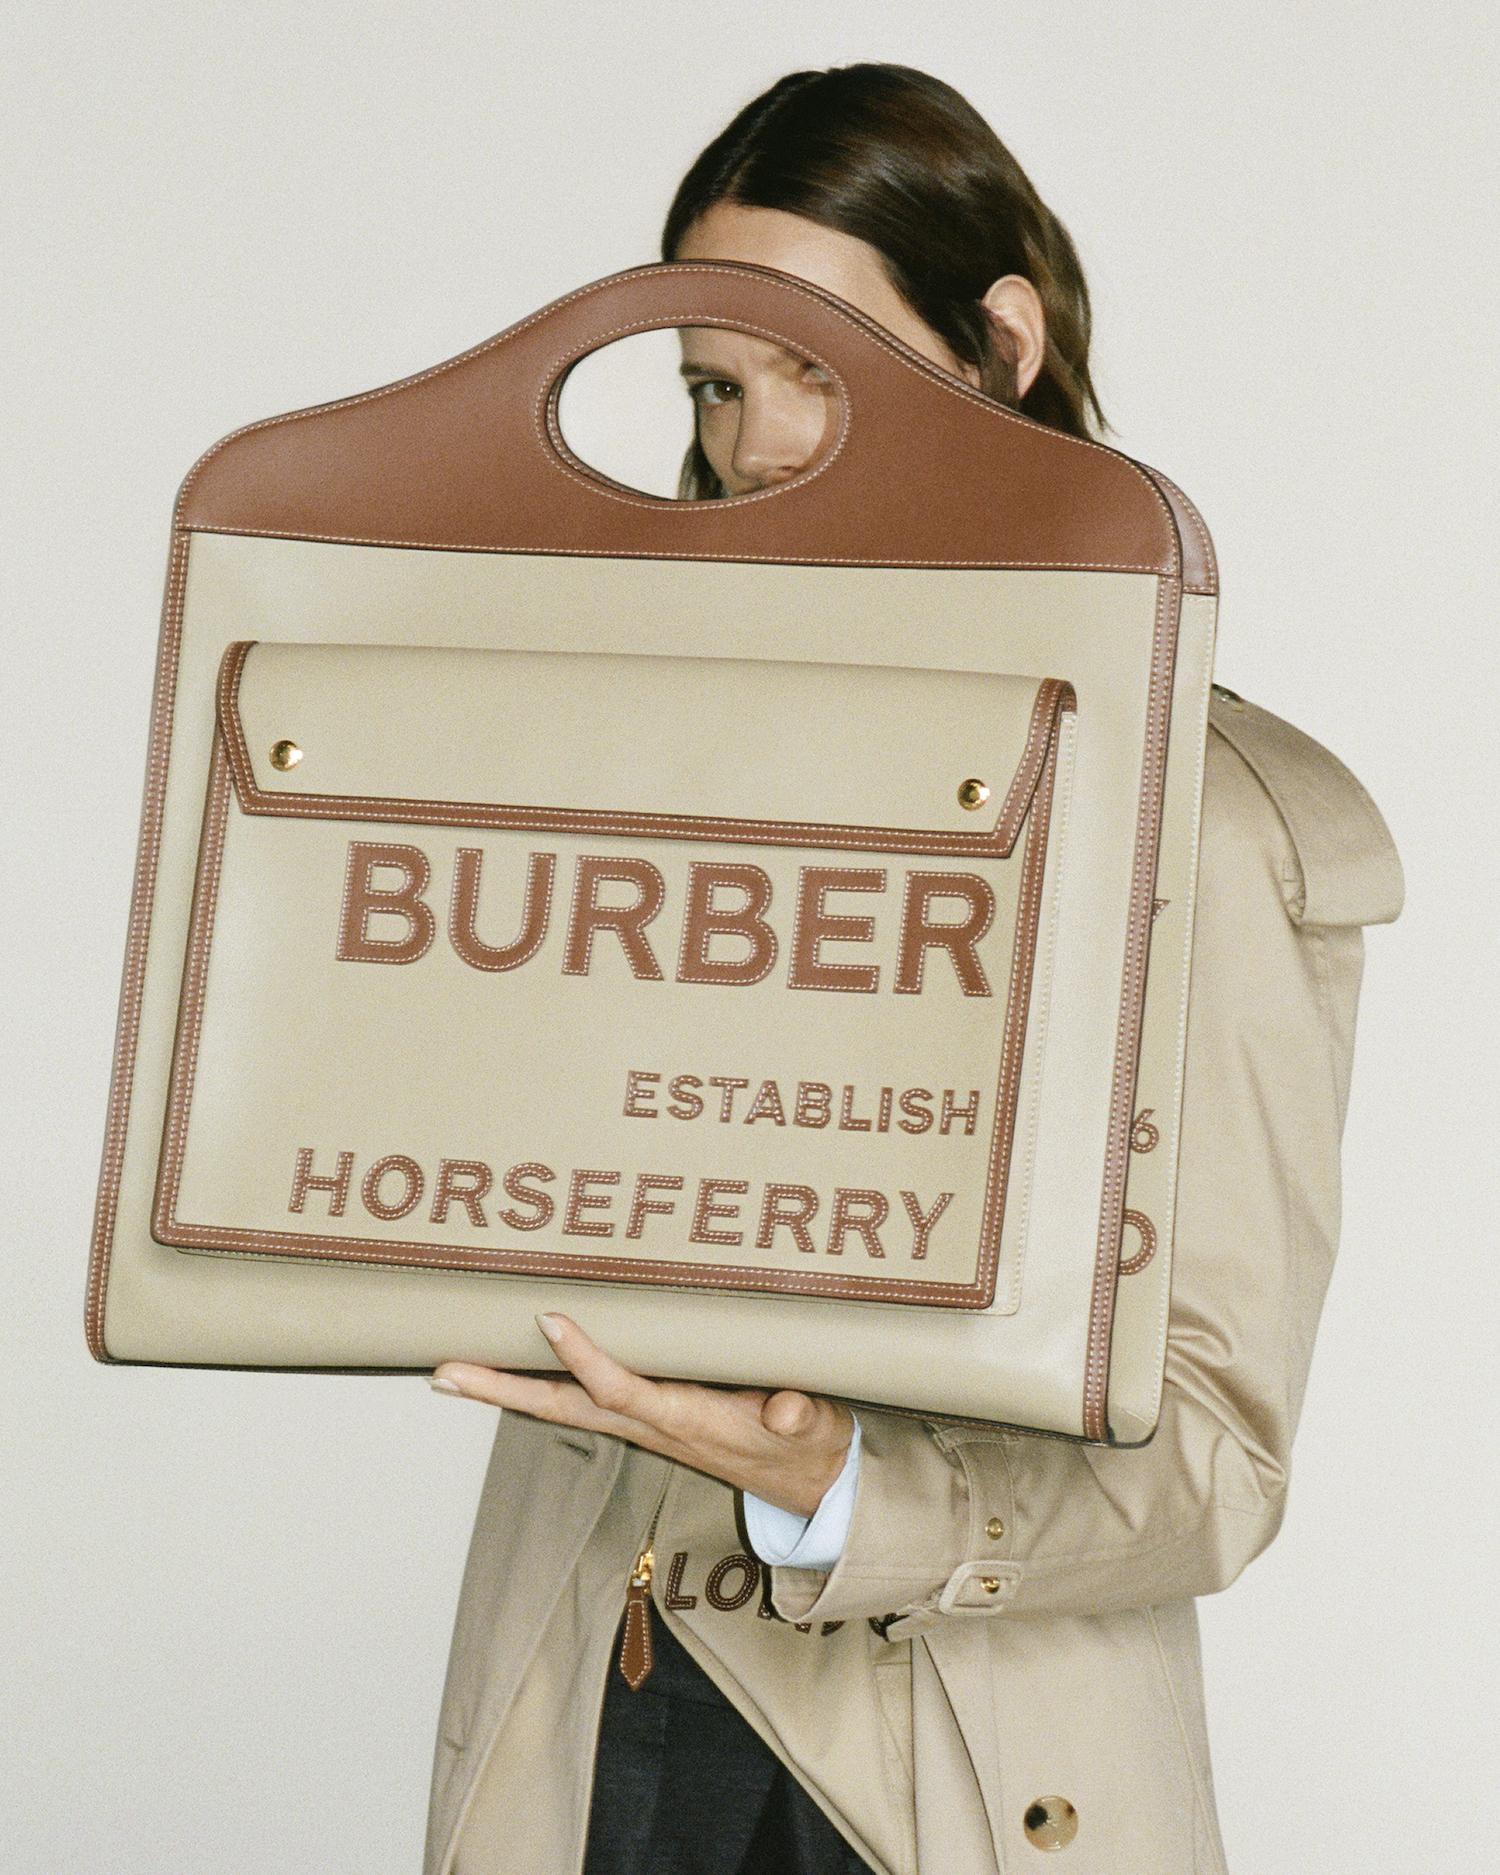 Сентрал Тауэр дахь Burberry брэндэд ямар шинэ загварууд ирсэн бэ? (фото 7)